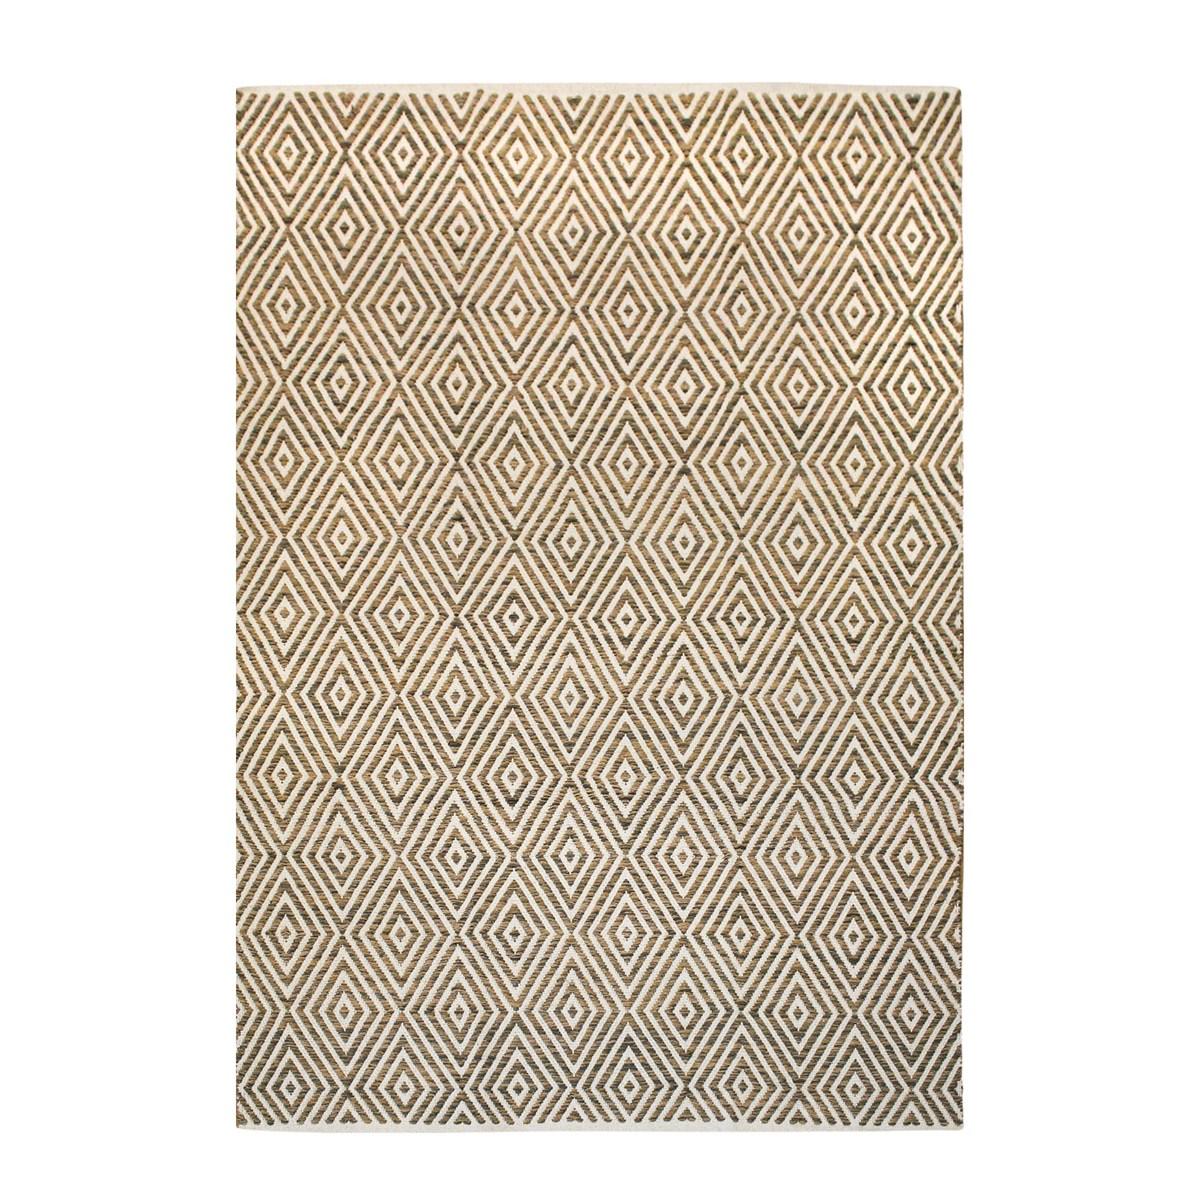 Tapis design en Coton Beige 120x170 cm